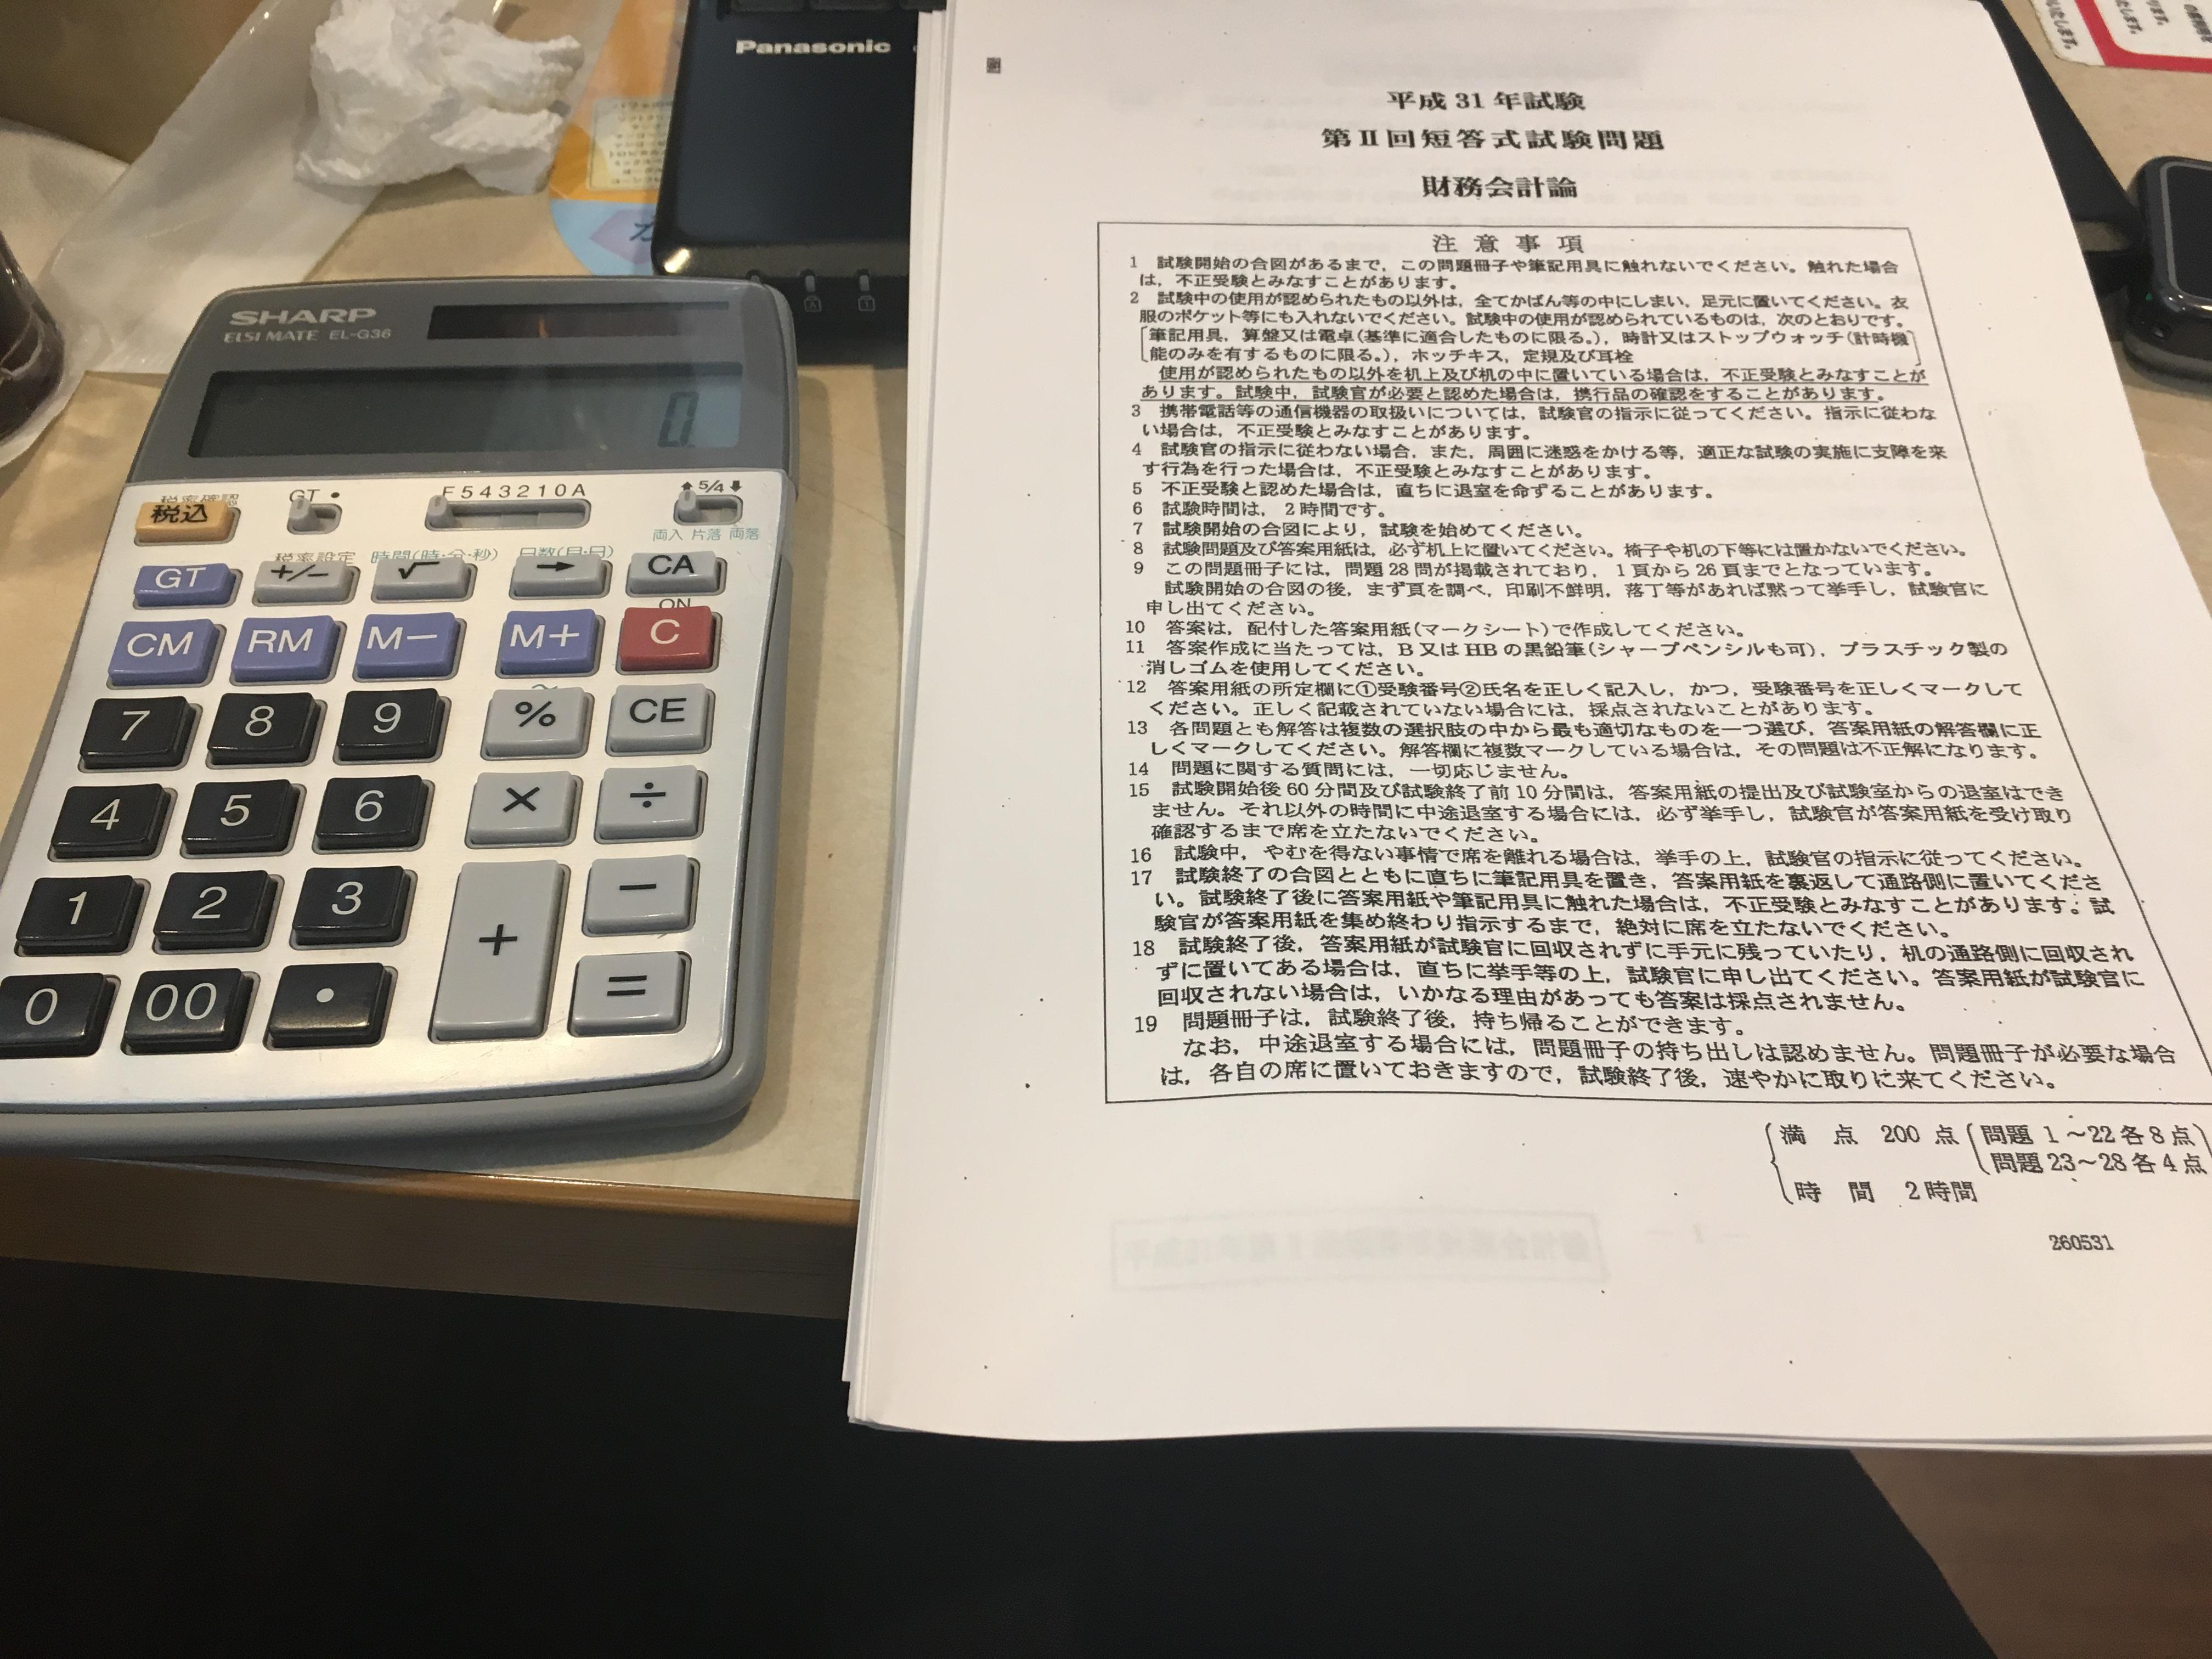 【会計士】独断と偏見による2019年合格目標5月短答式試験(財務計算)の所感。